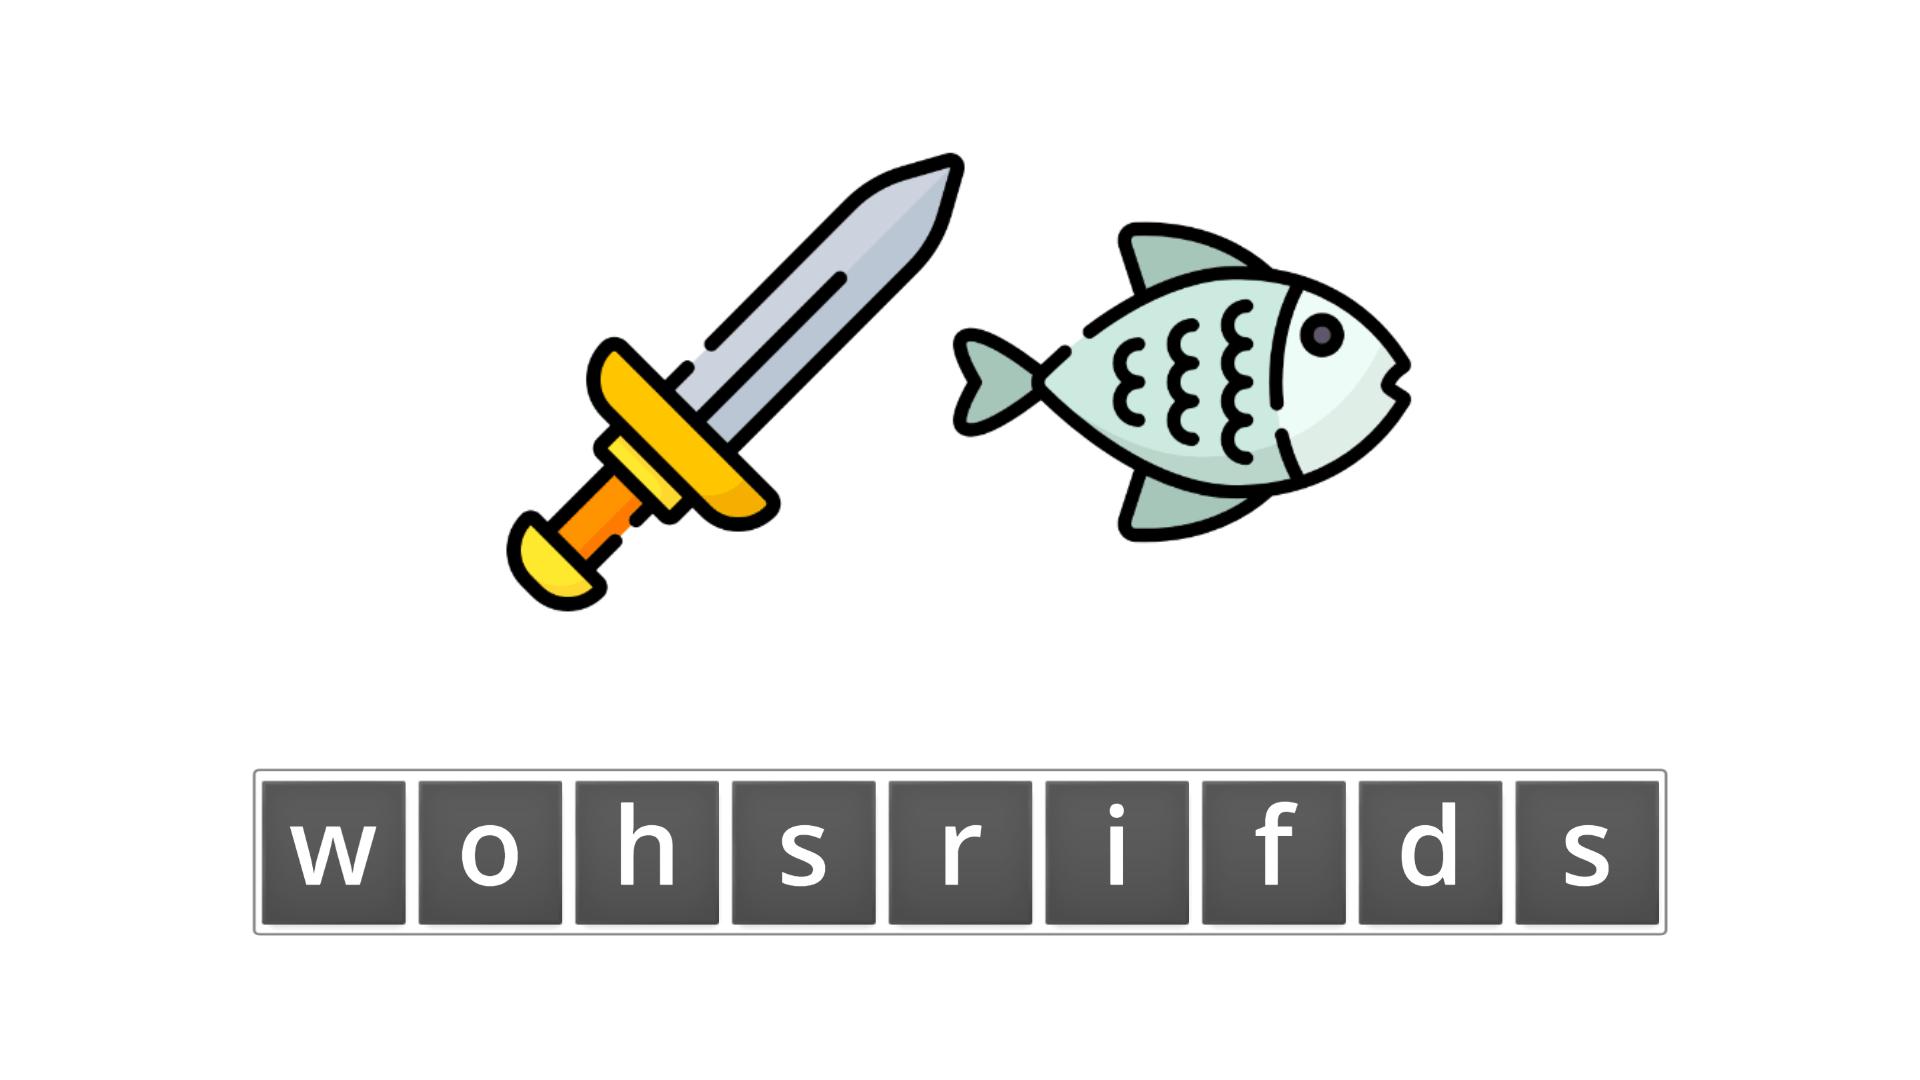 esl resources - flashcards - compound nouns  - unscramble - swordfish